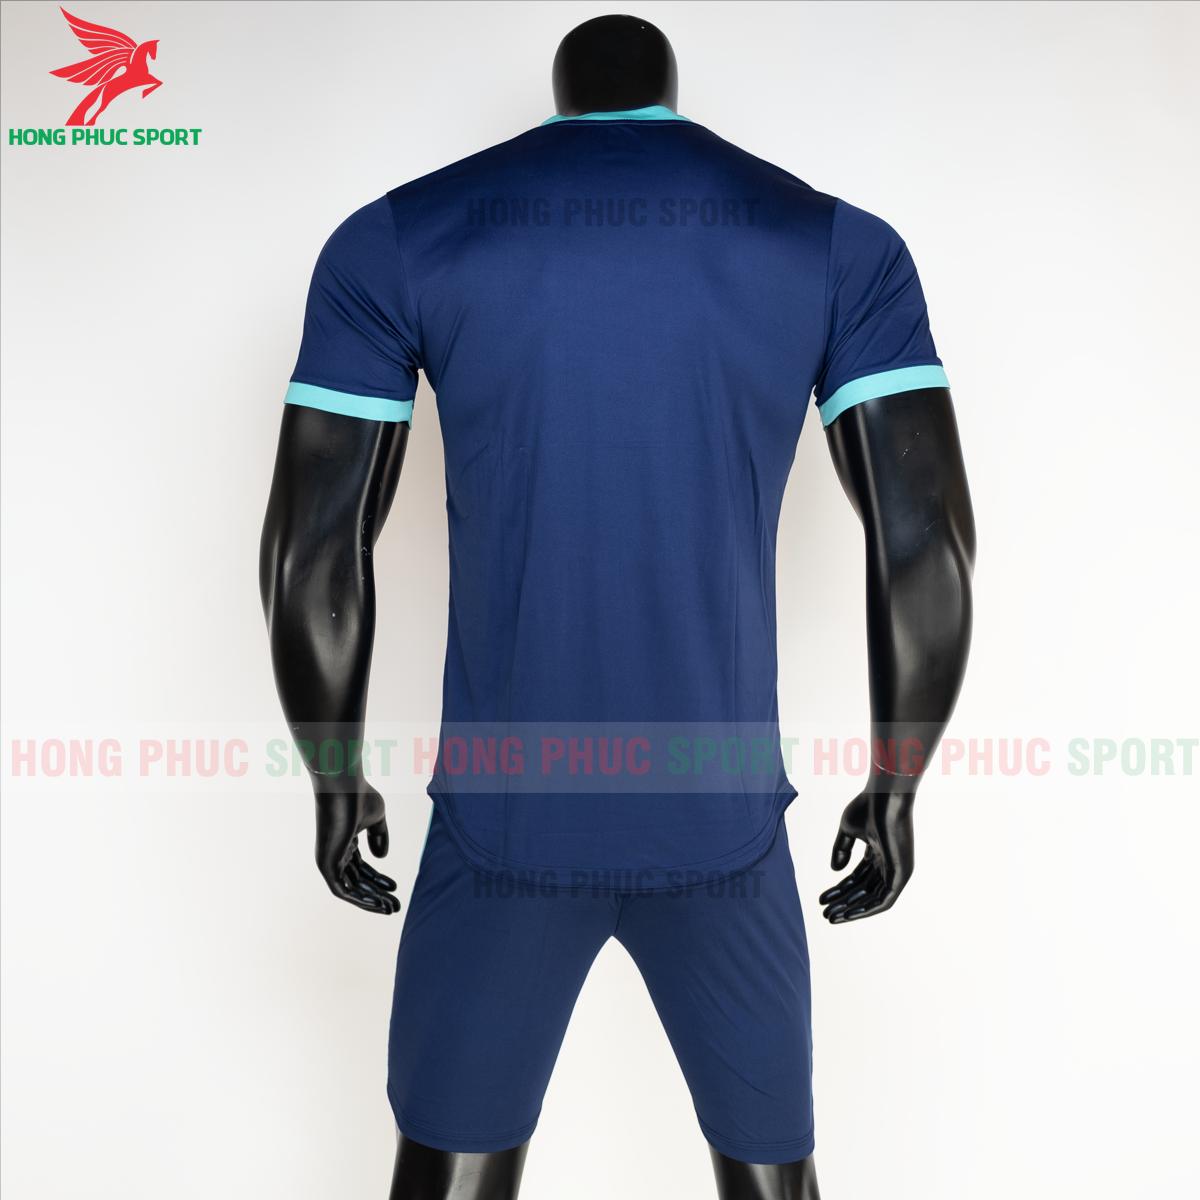 Áo đá banh không logo RIKI FURIOR 2021 màu Xanh dương(sau)